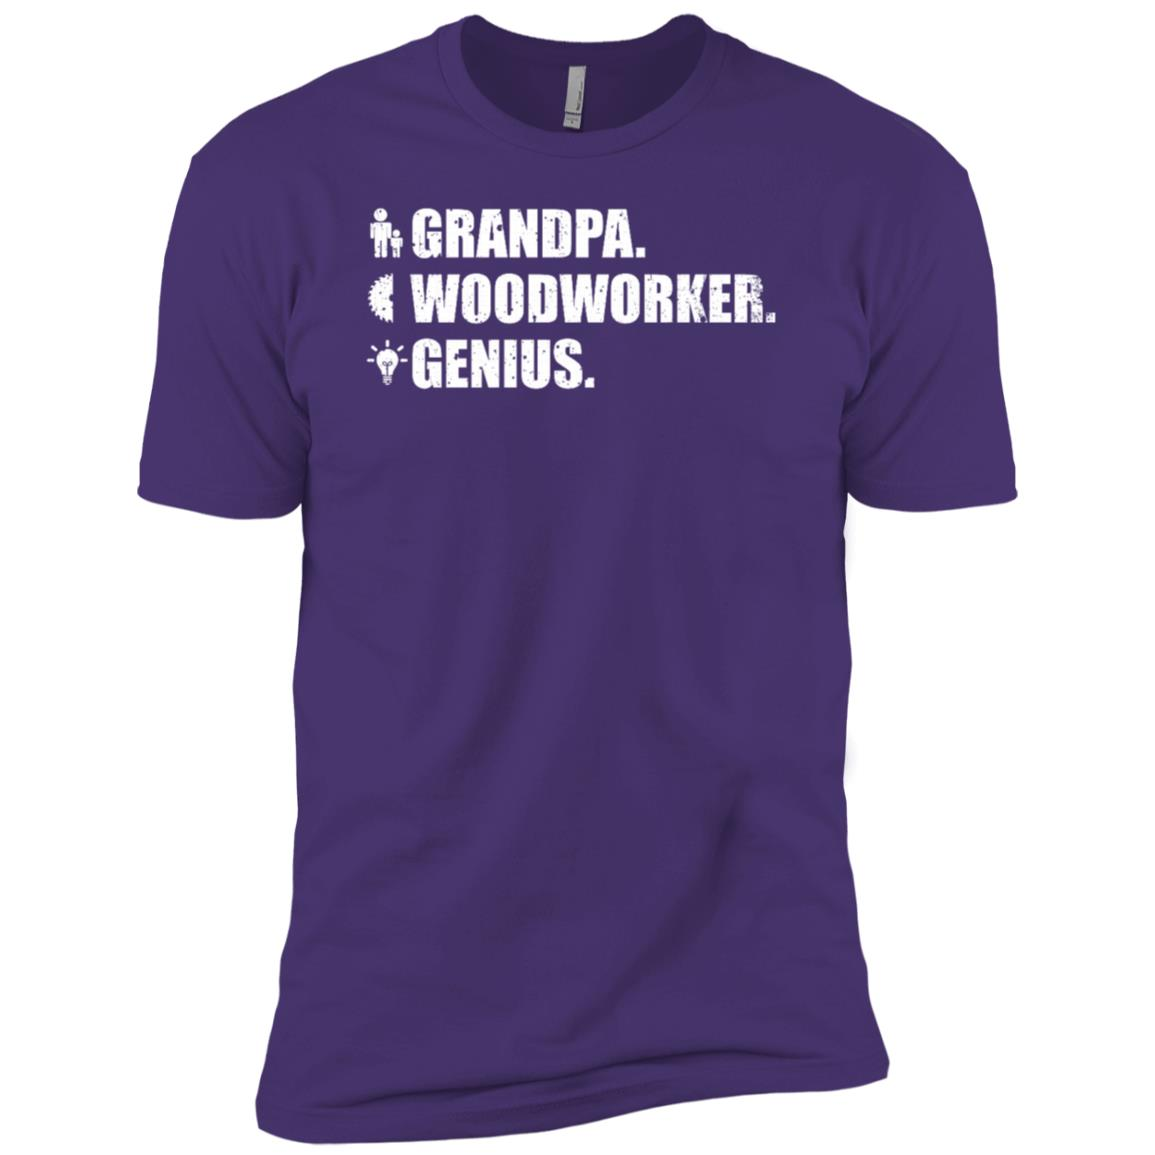 Woodworker Genius Funny Men Grandpa Woodworking Men Short Sleeve